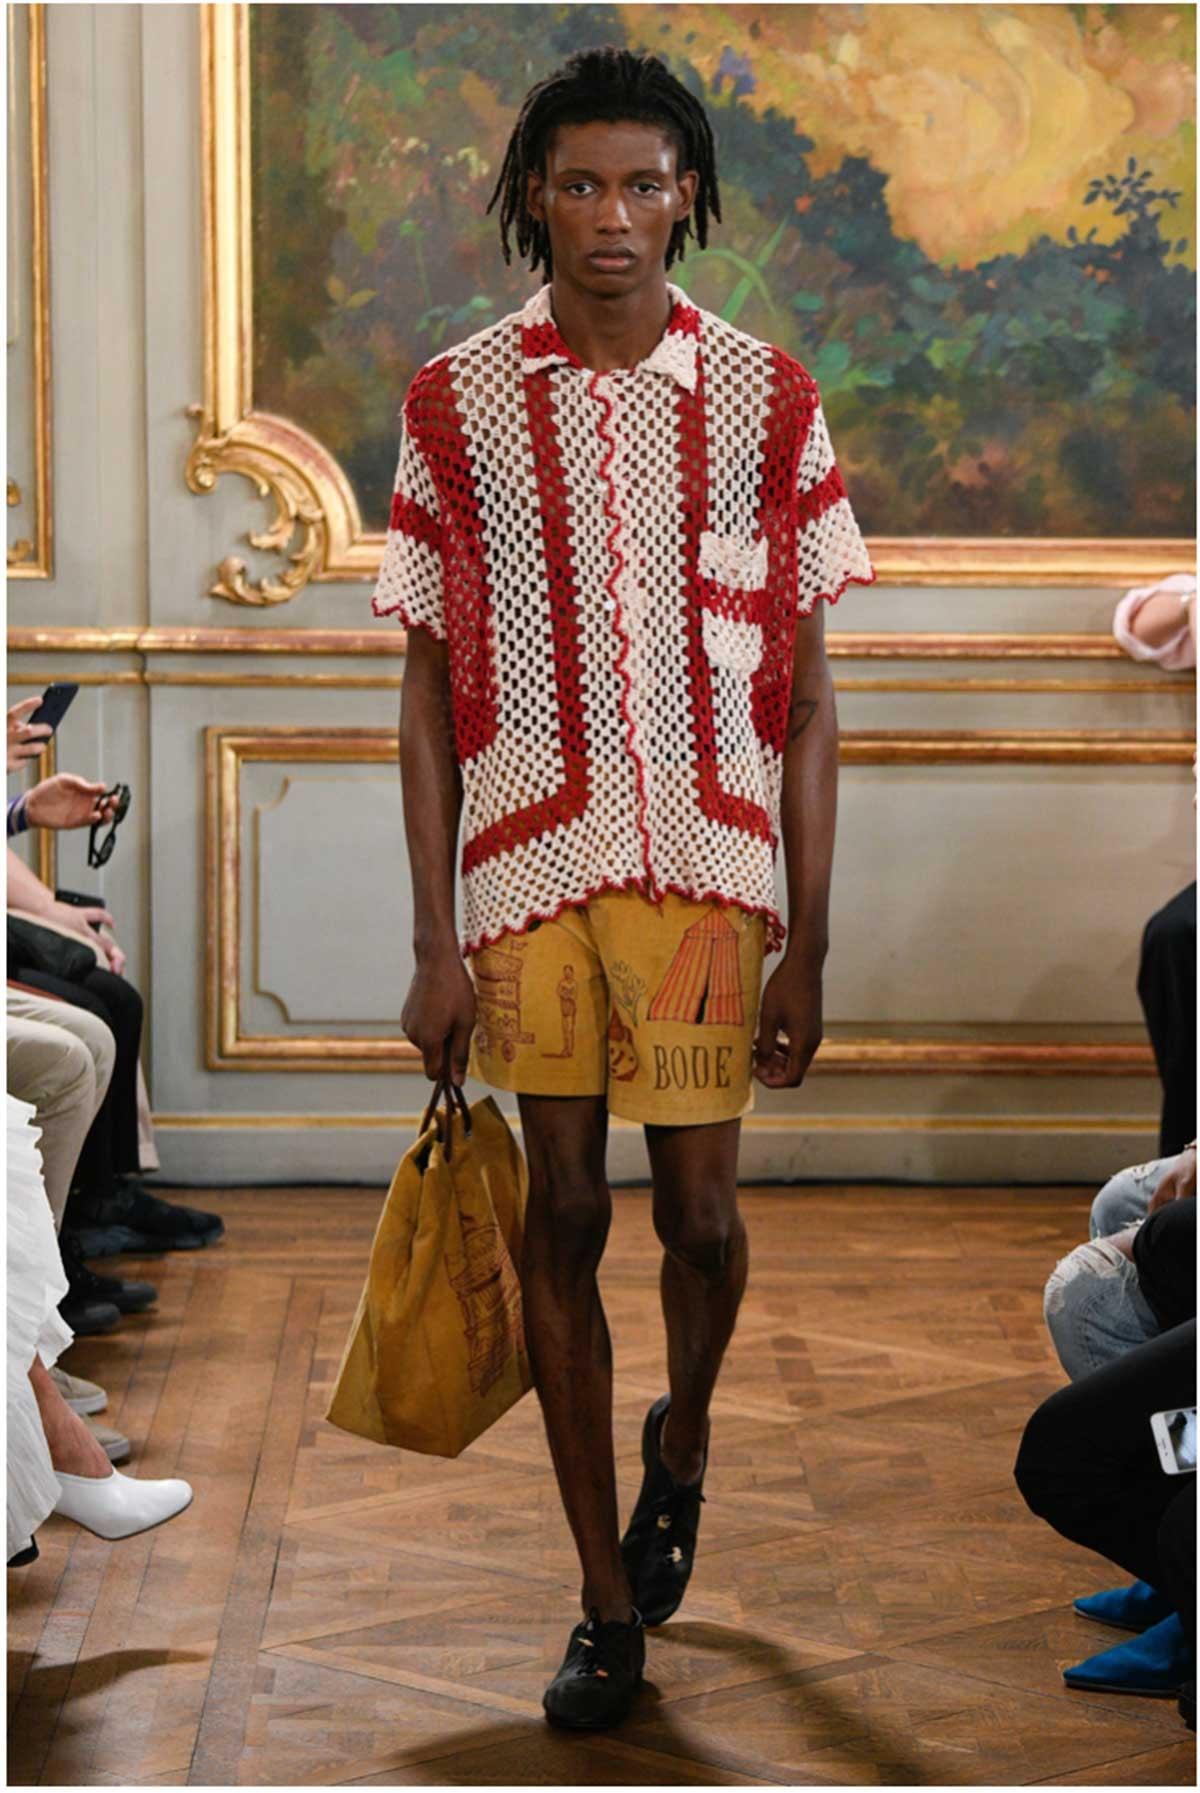 Vergeet de G7: Slow fashion is de snelste weg naar een mooie toekomst